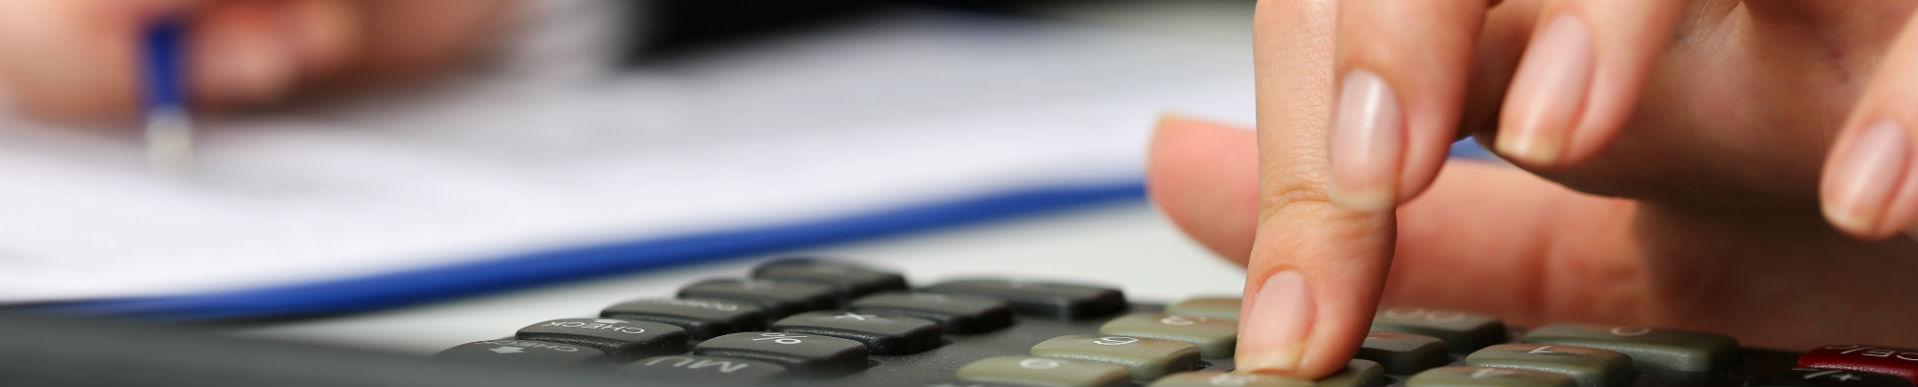 הסרת חתימת רואה החשבון מטופס ב' – טופס נלווה לבקשה לרישום ניירות ערך או איגרות חוב של חברה חדשה (הצהרה בעניין הון עצמי לפני הרישום למסחר)